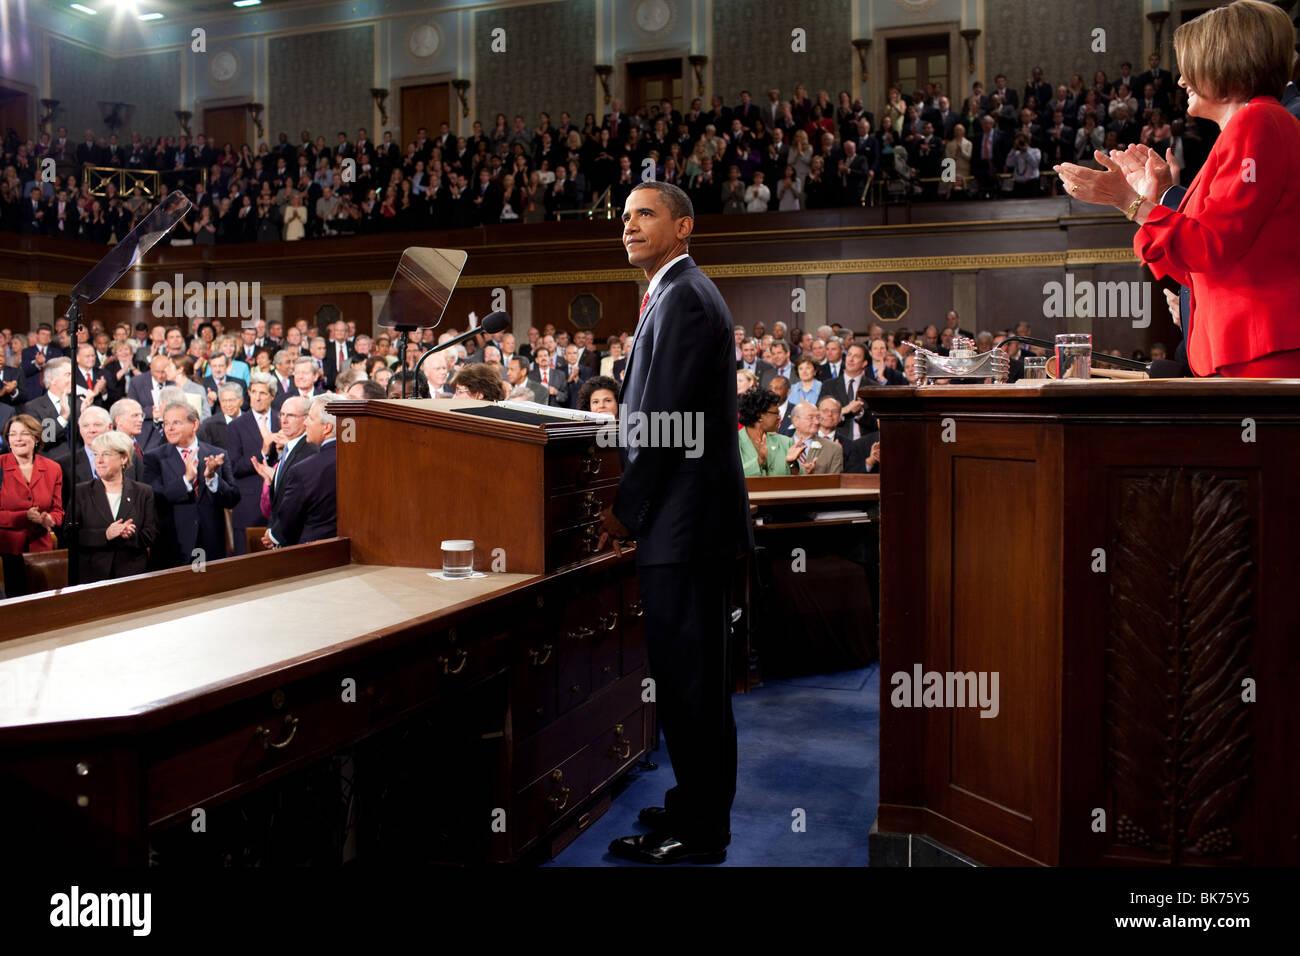 Präsident Obama liefert Bemerkungen über die medizinische Versorgung in einer gemeinsamen Sitzung des Stockbild